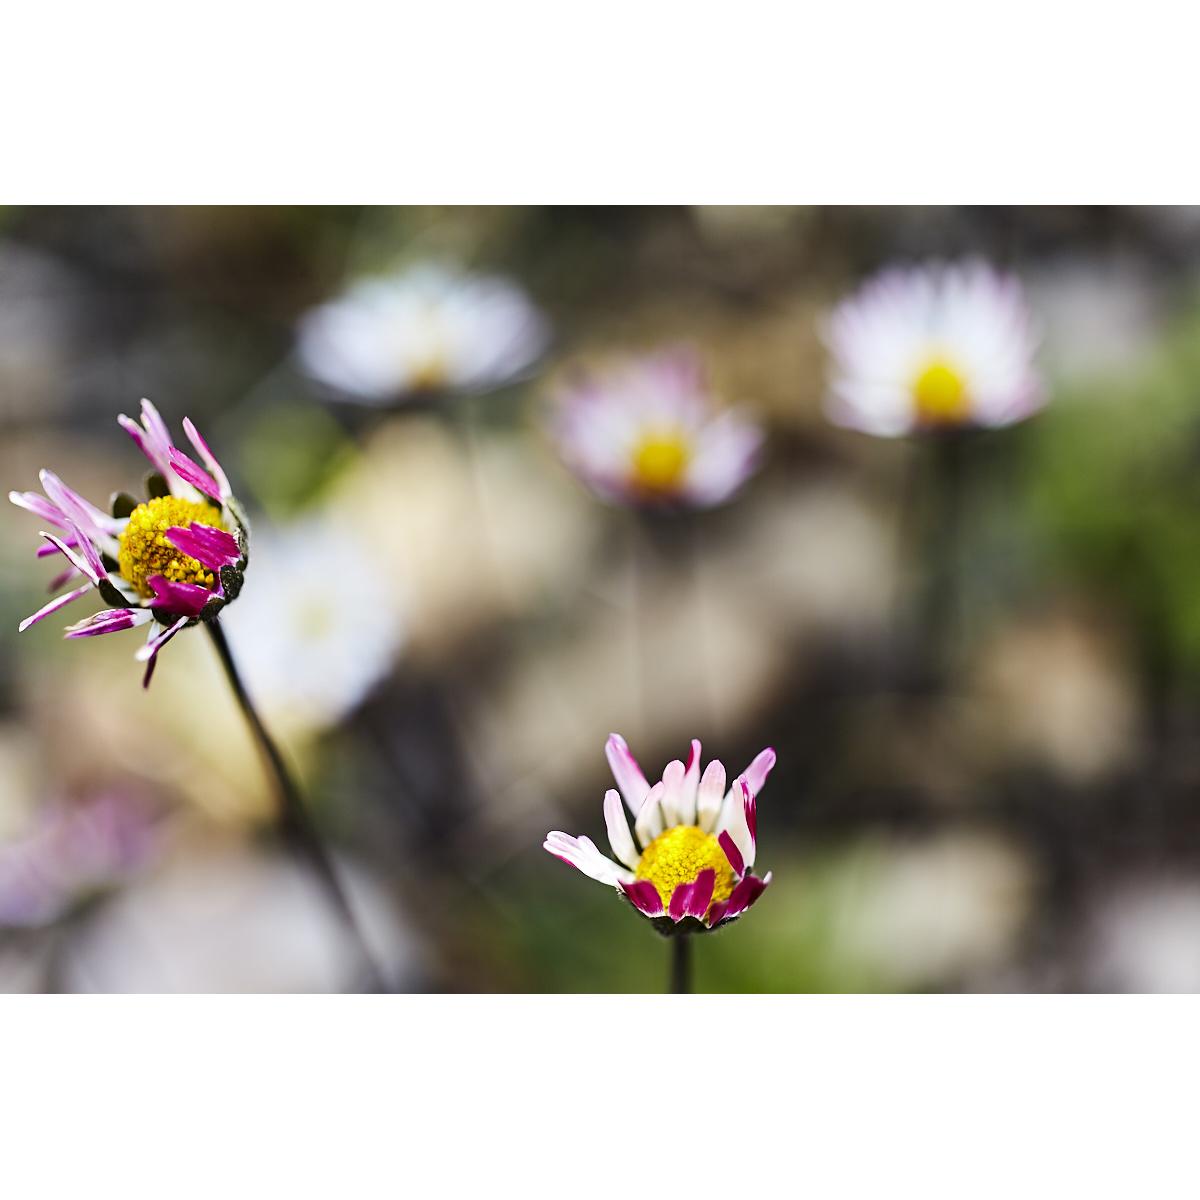 Spring Flowers/Ein Qiniya 001